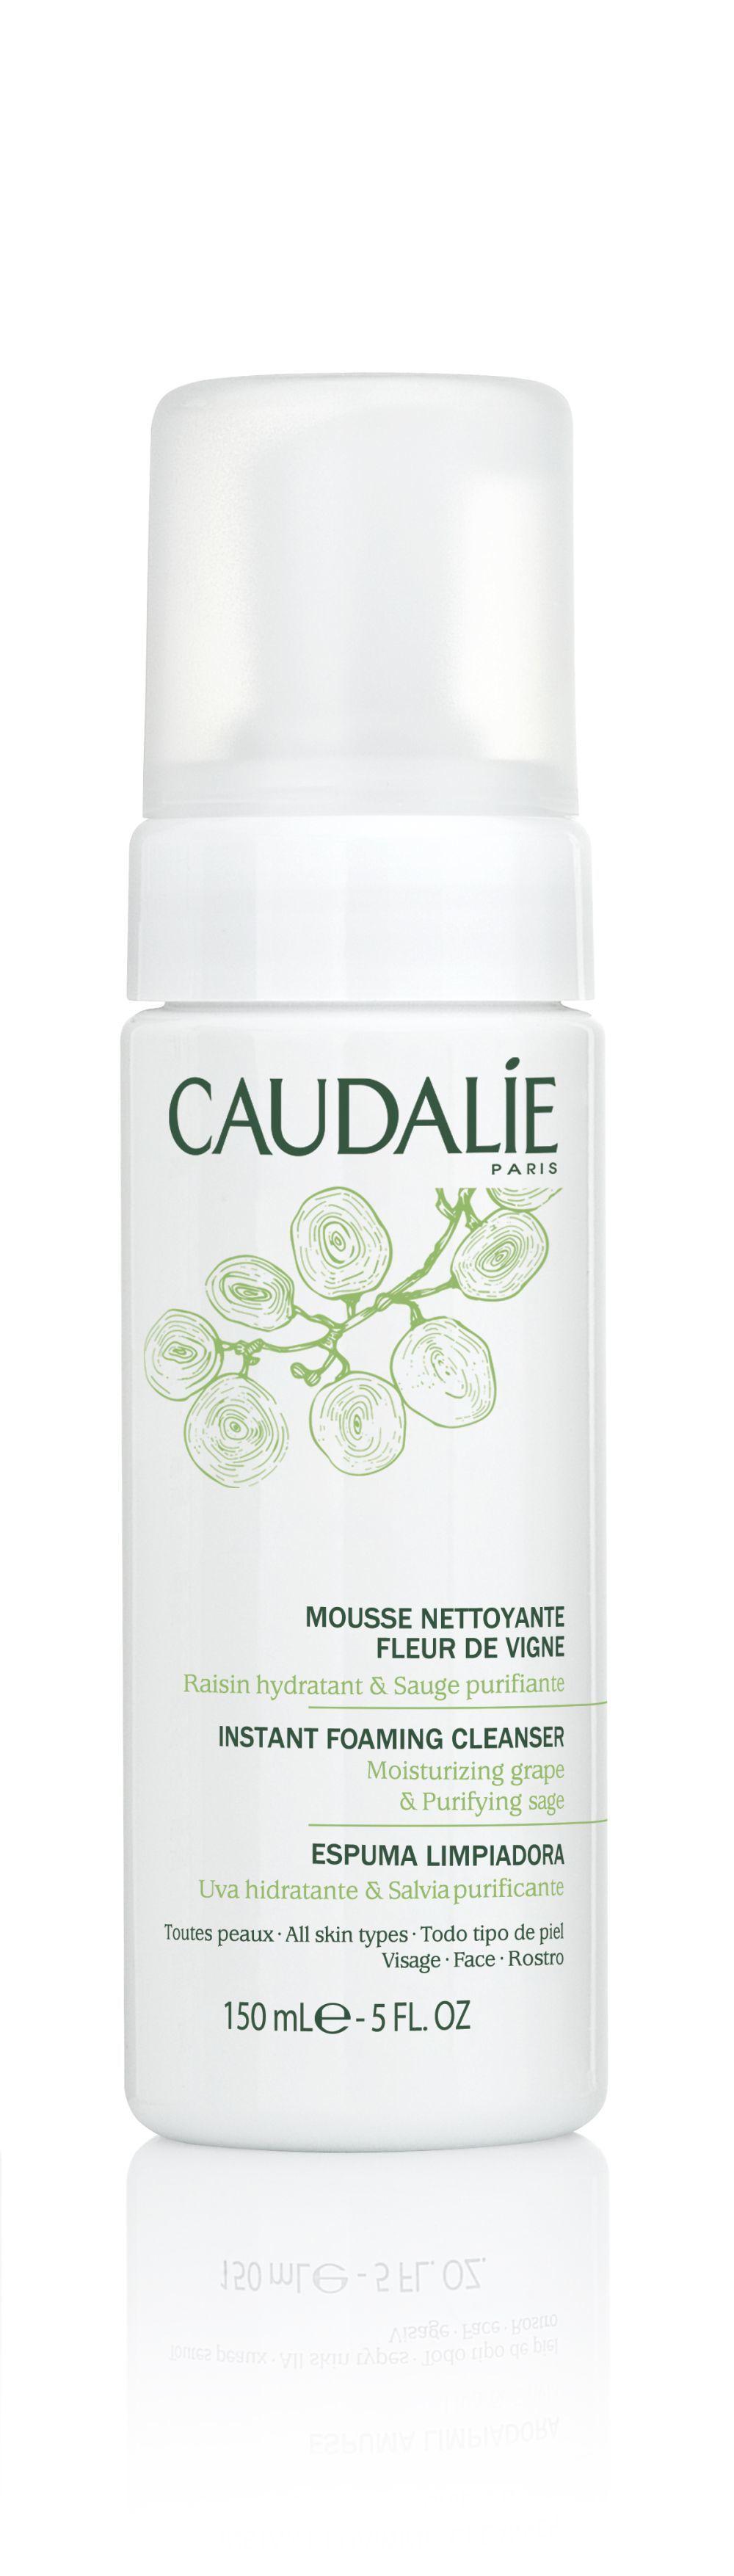 Esta espuma ligera de Caudalie (15,50 euros) no lleva jabón y limpia...